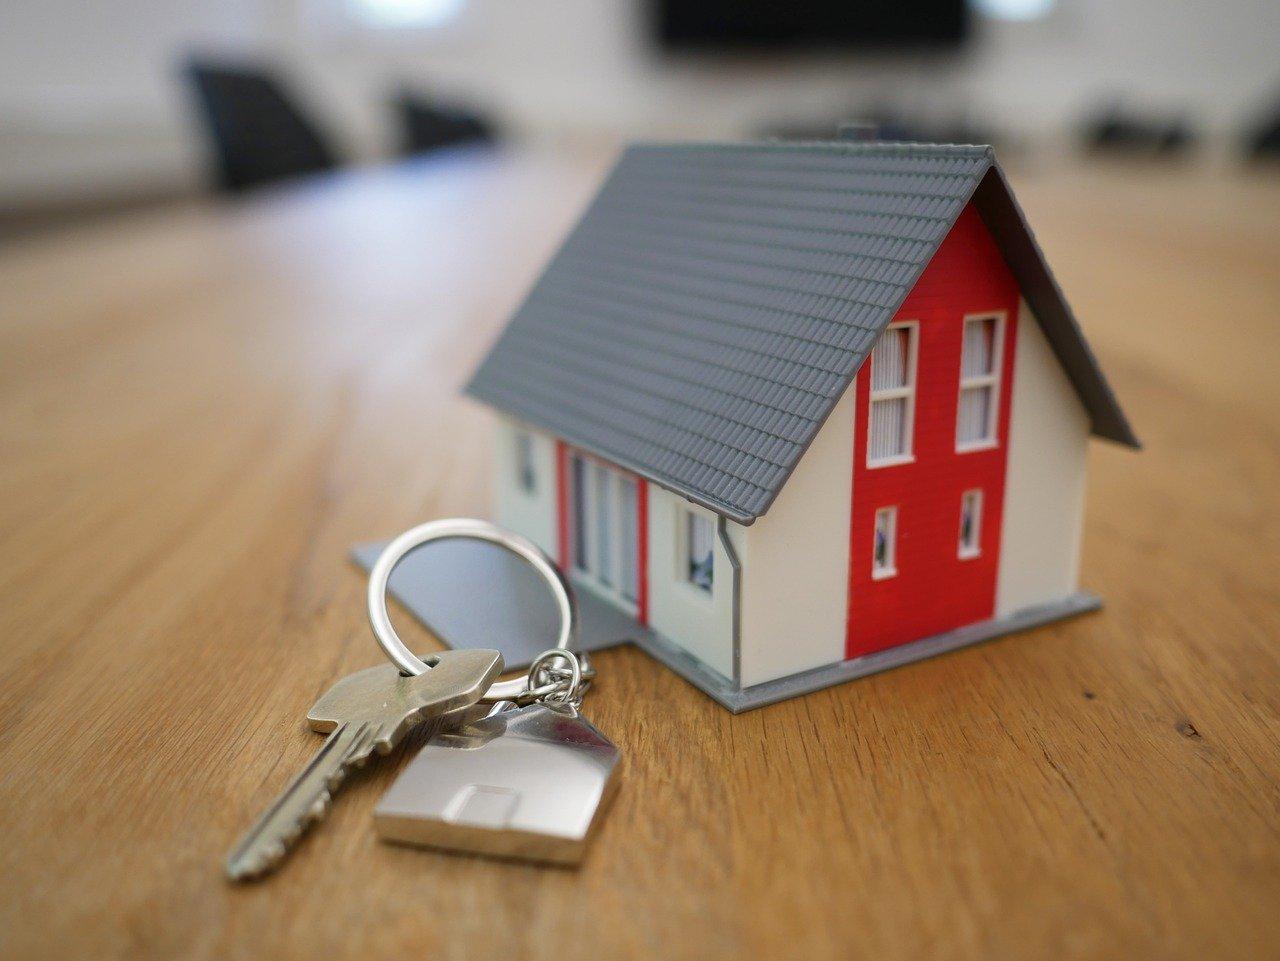 Покупка жилья за материнский капитал: обязательства, сложности, риски